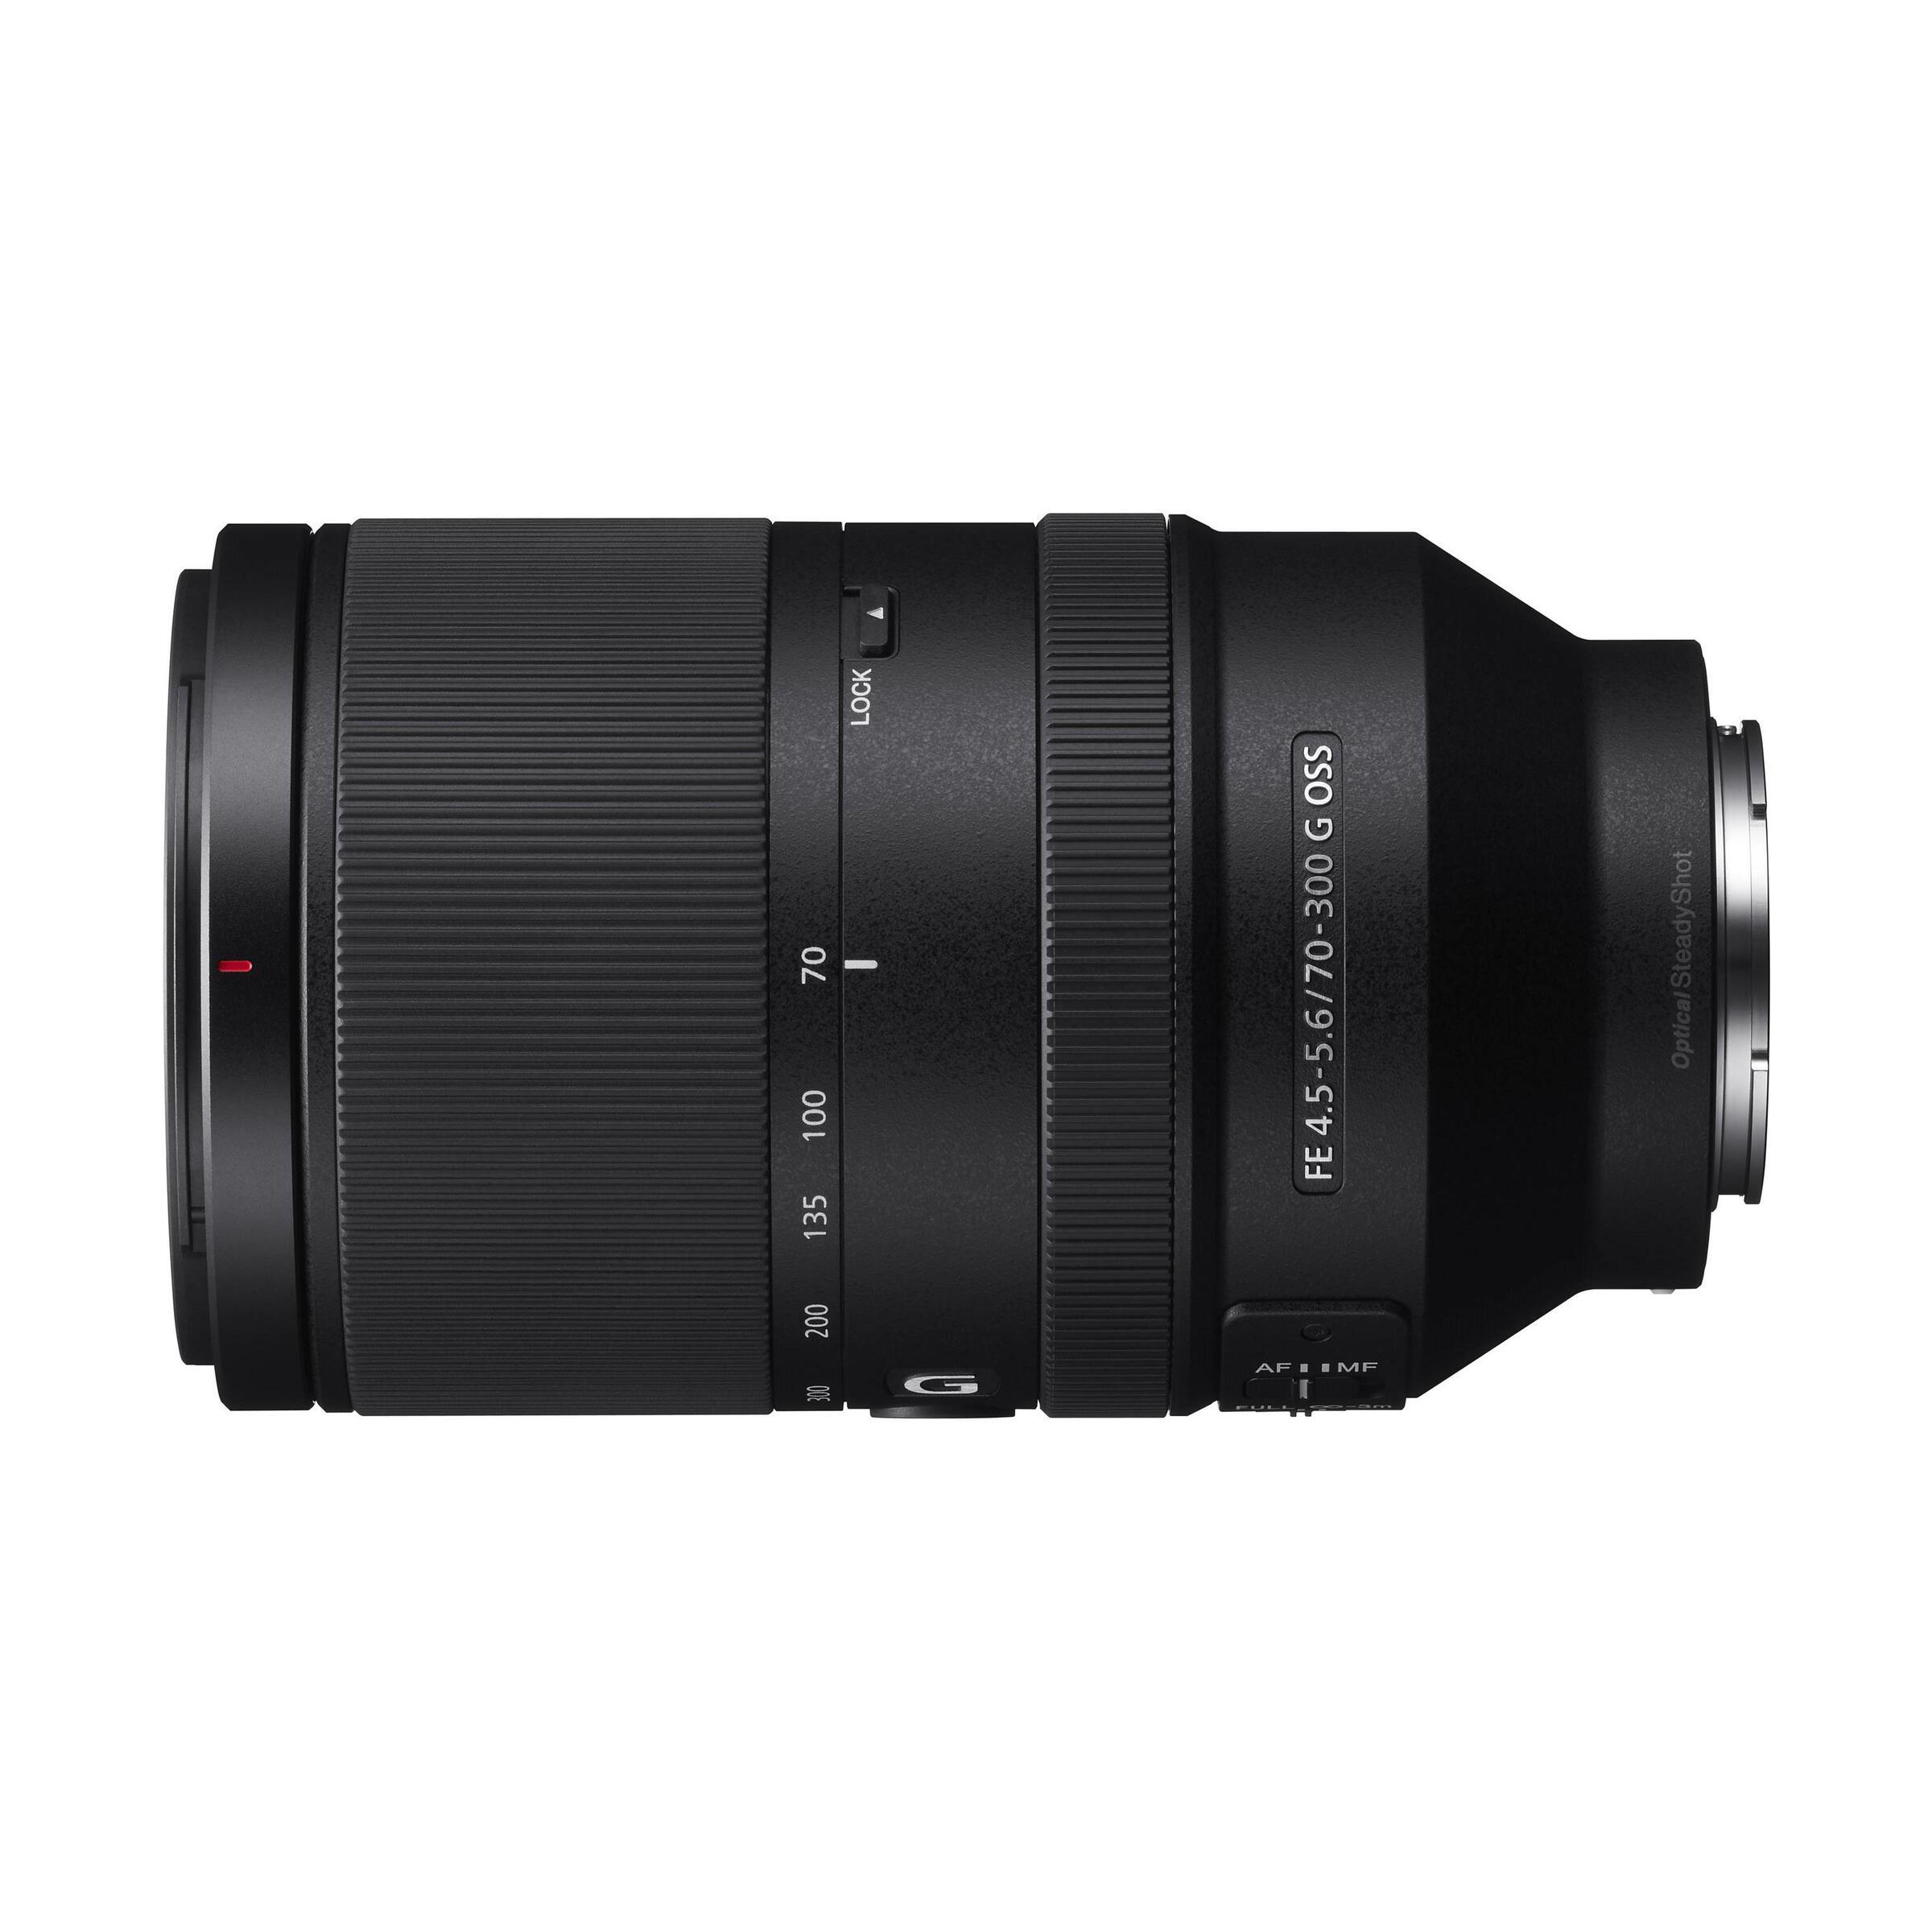 Sony FE 70-300mm f/4,5-5,6 G OSS